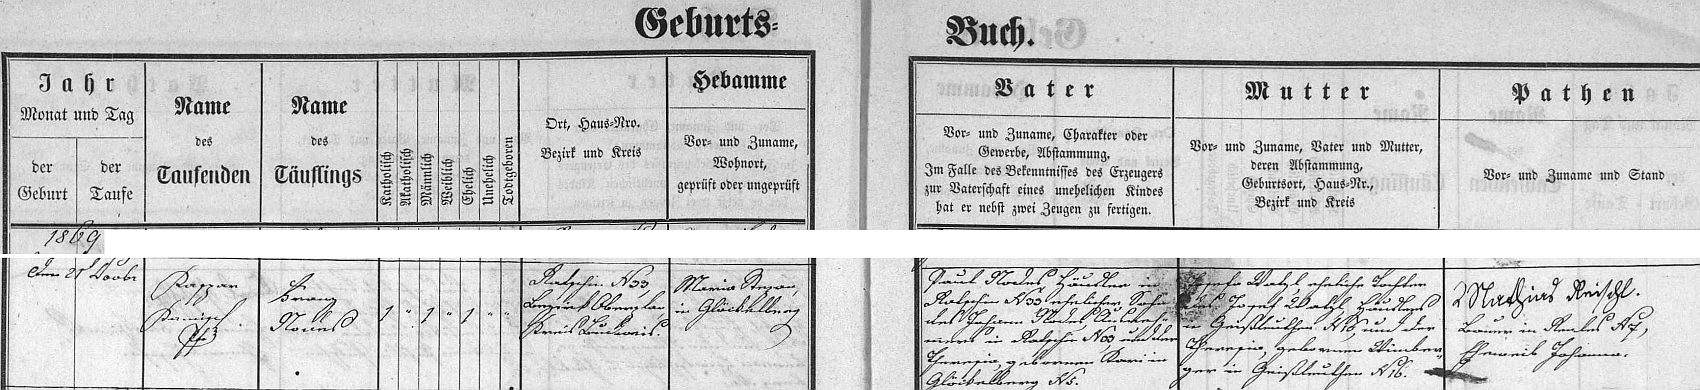 Záznam dolnovltavické křestní matriky o narození dědově v Račíně čp. 33